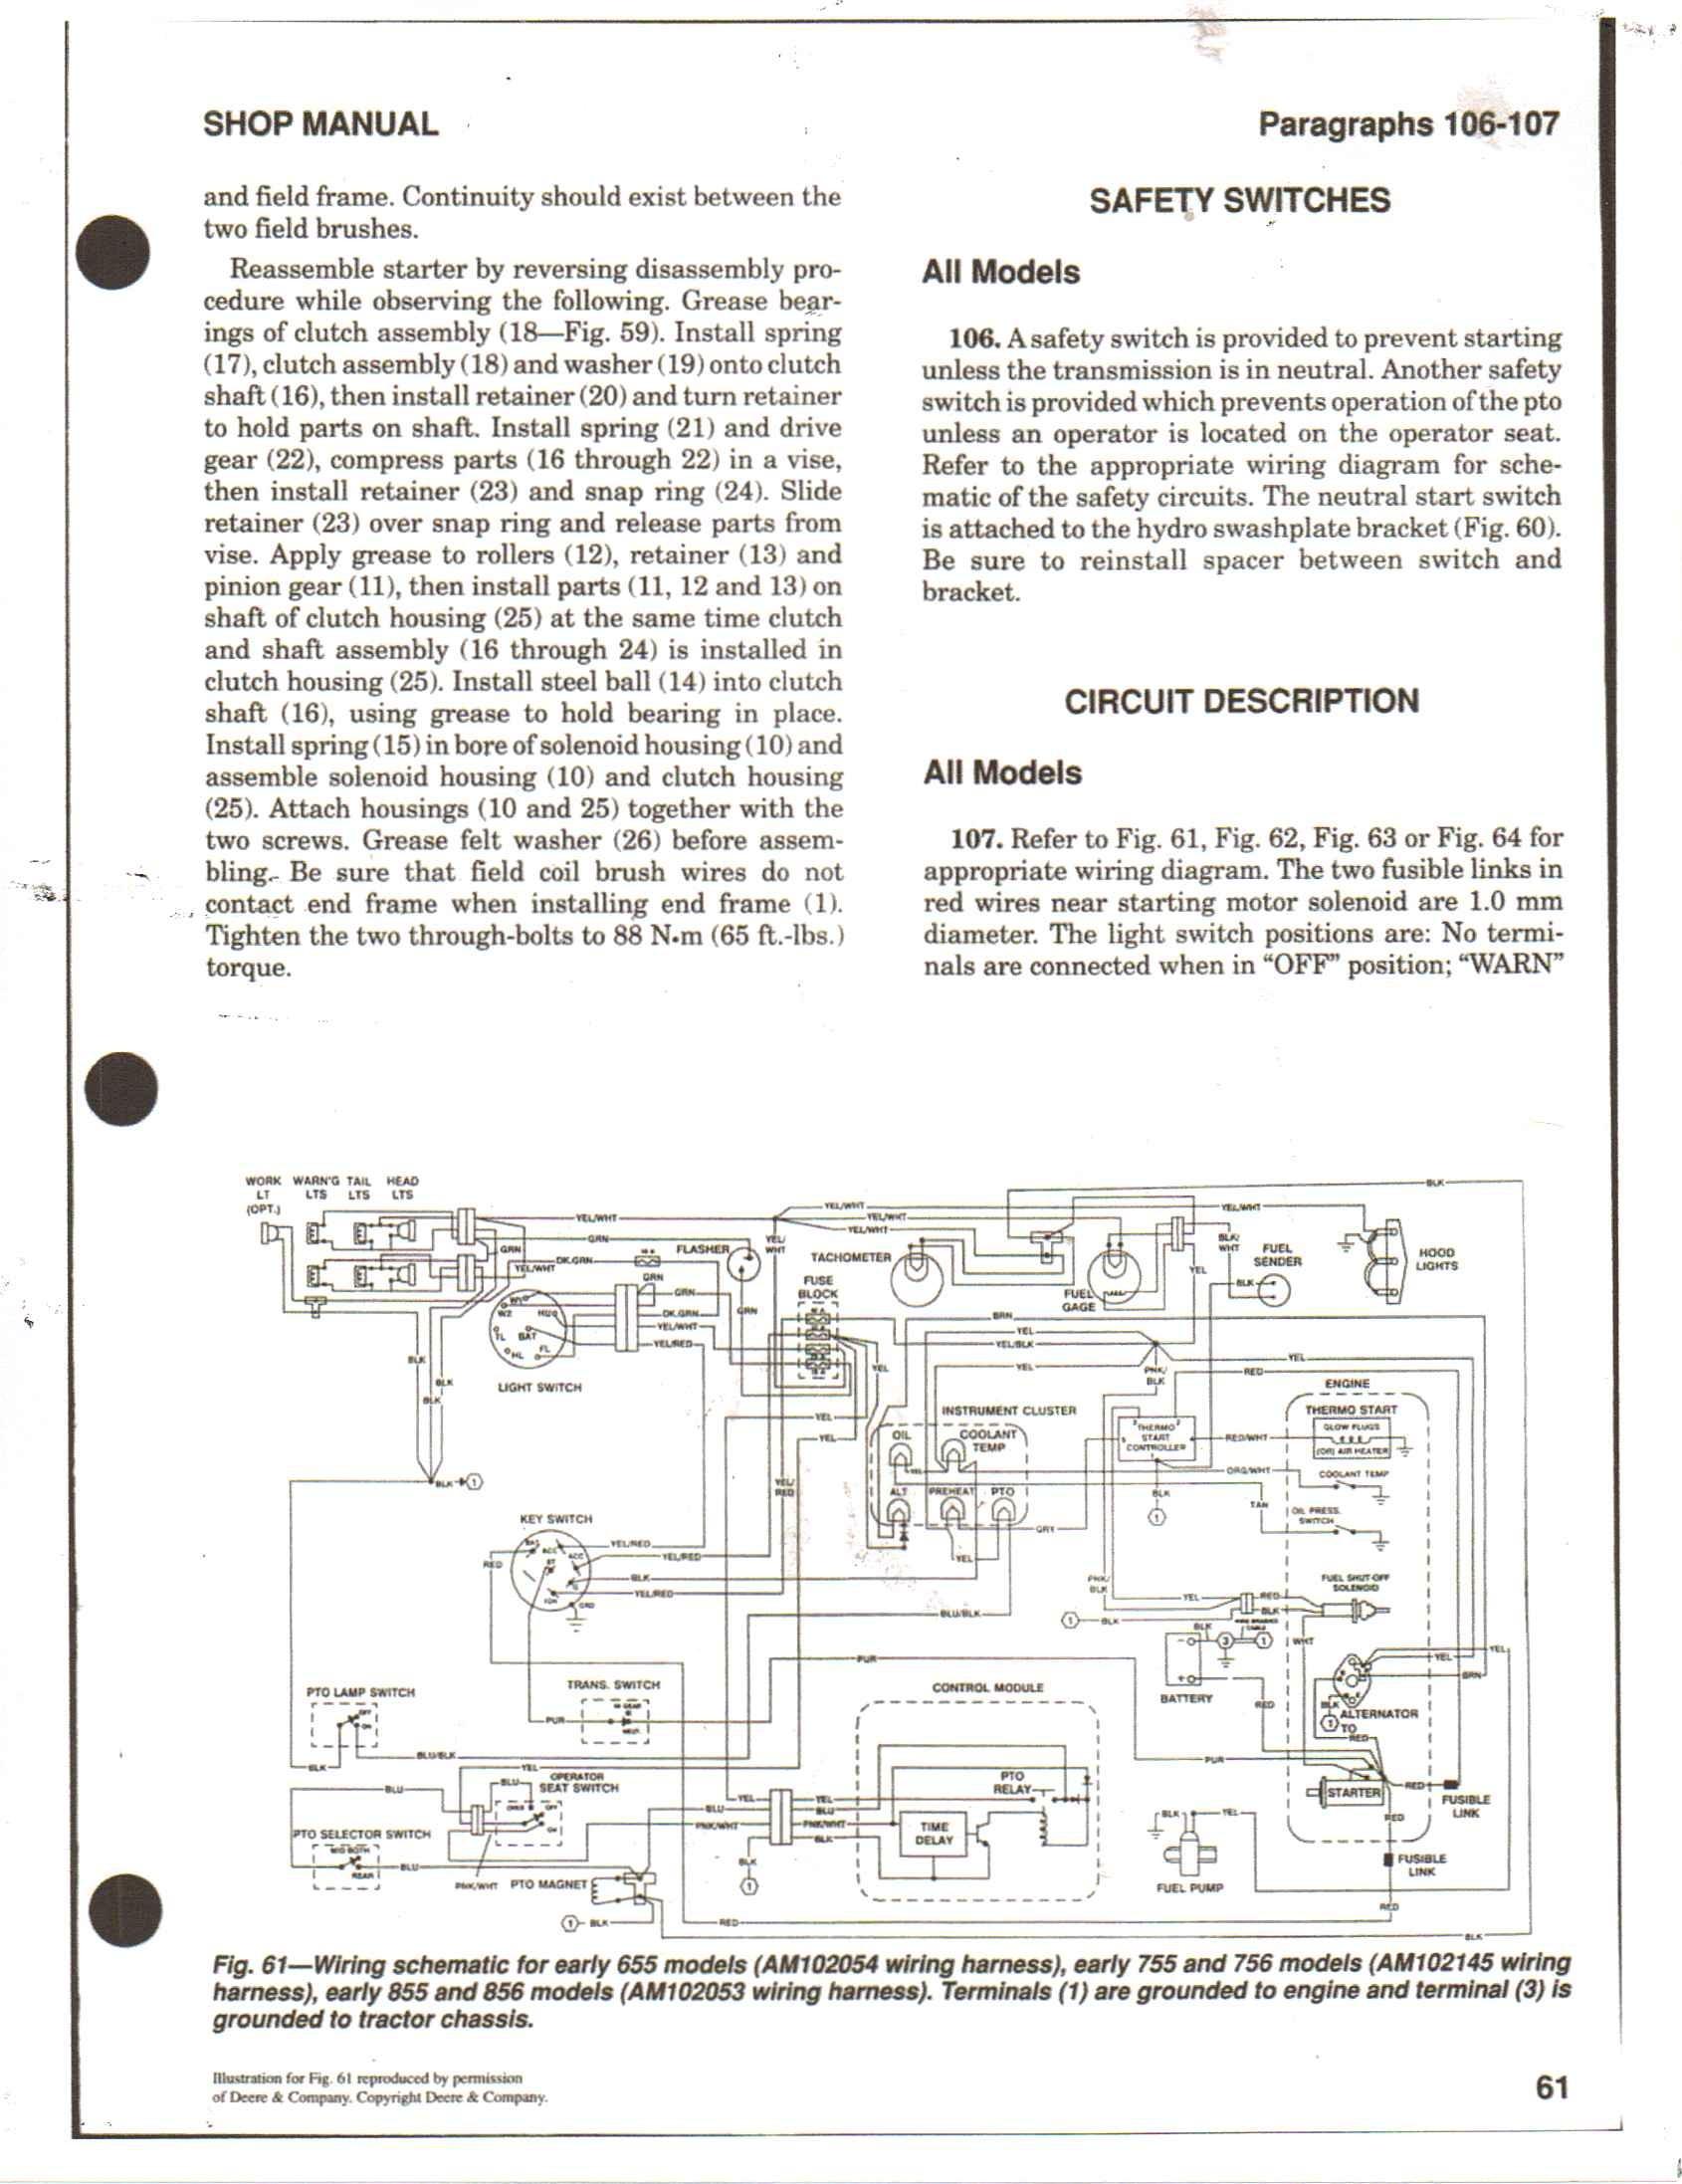 Deere 655 755 wiring diagram